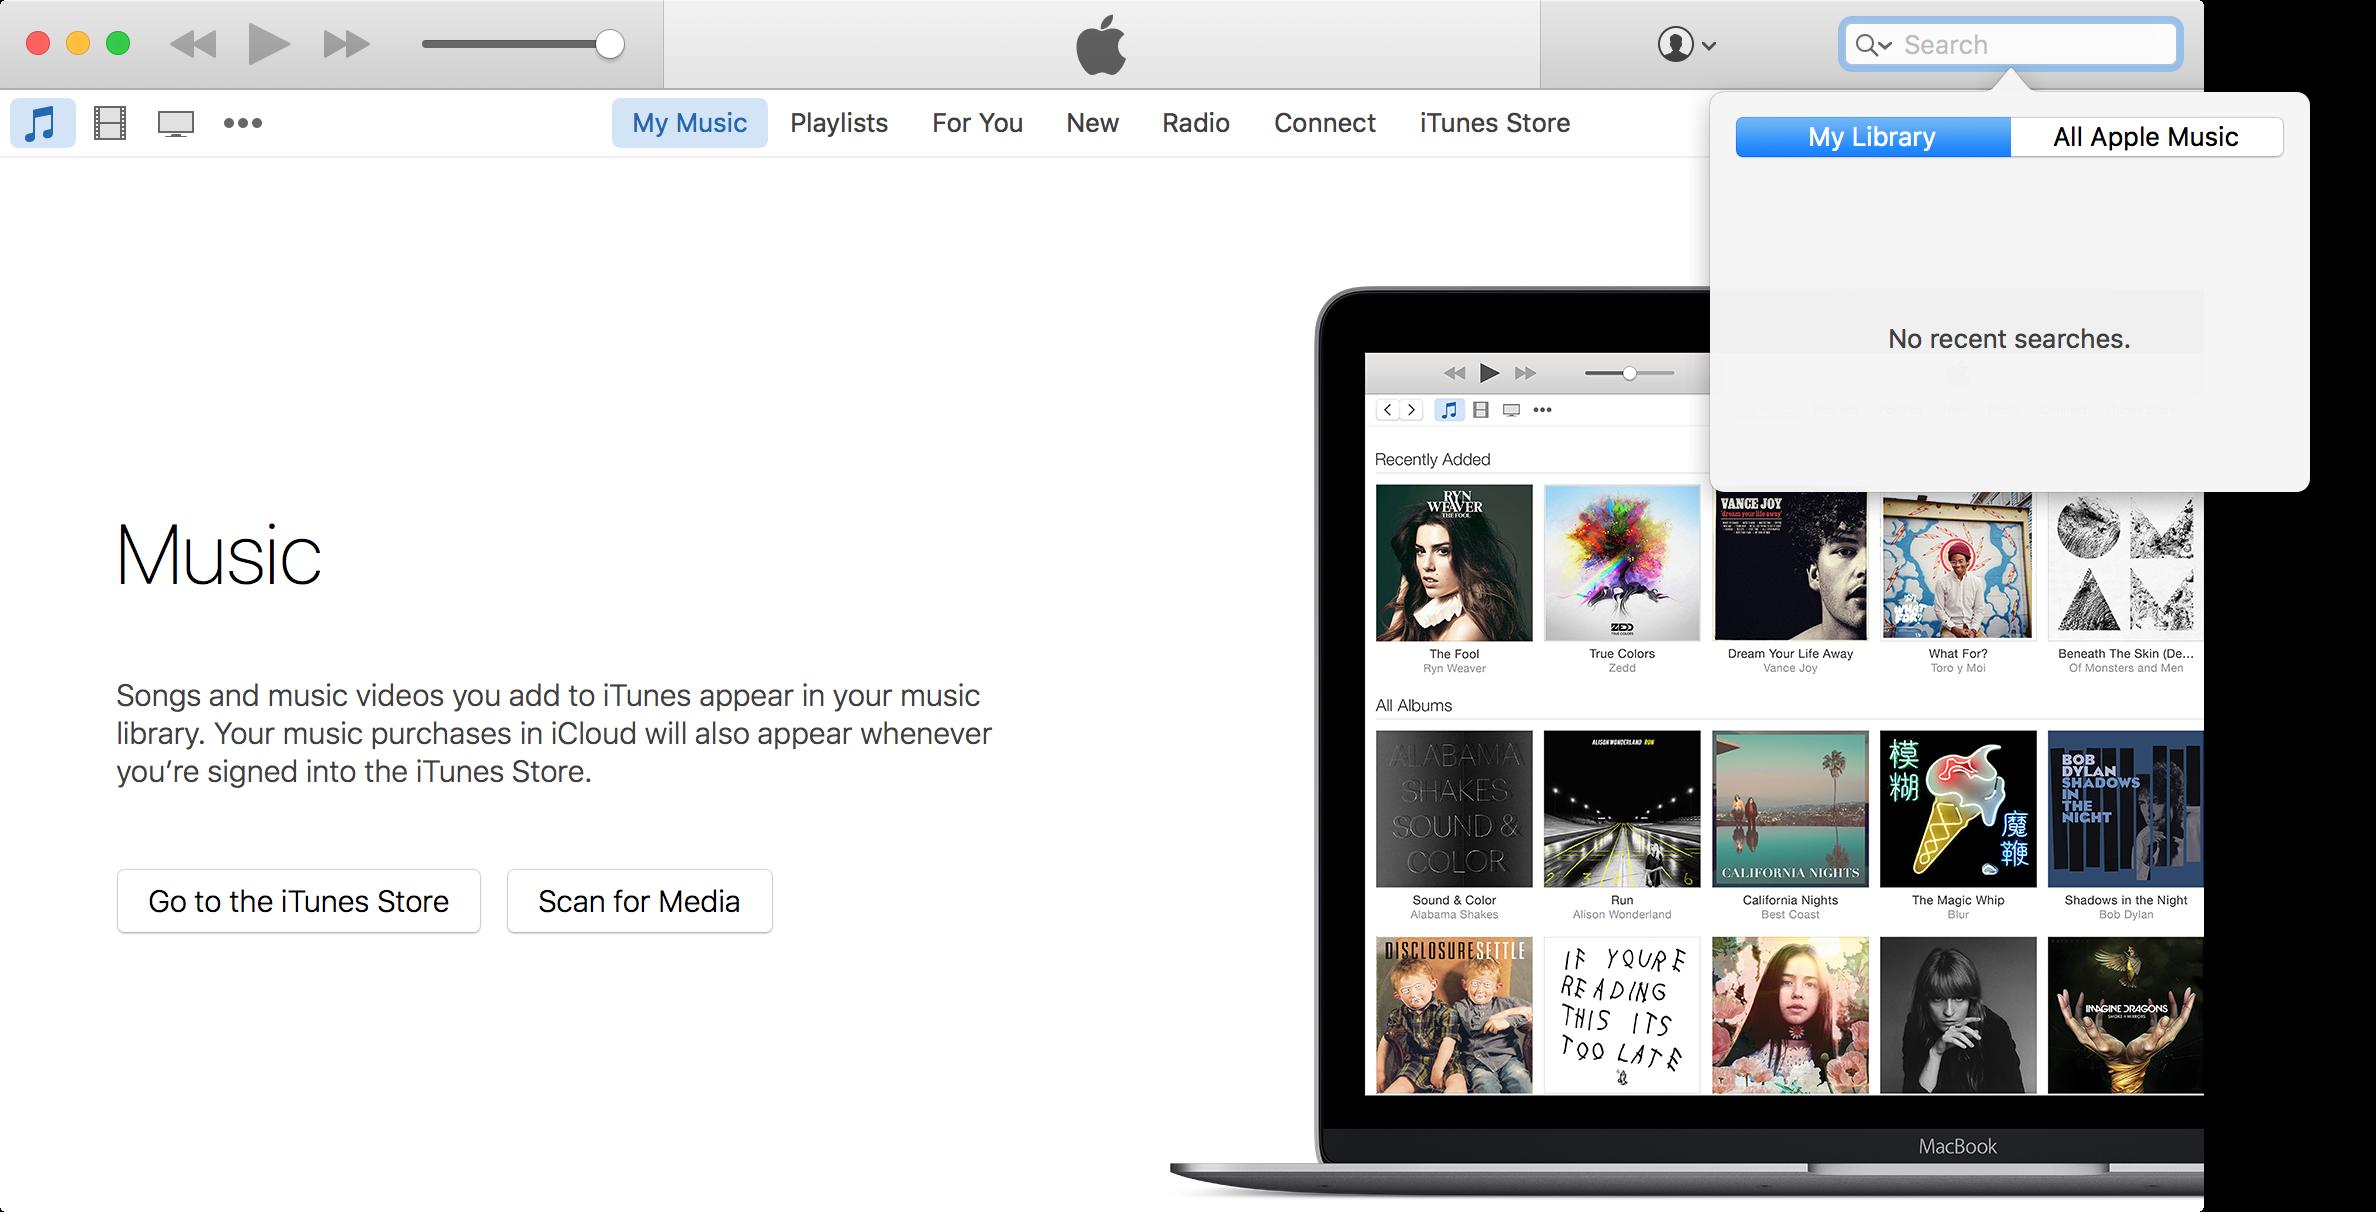 Borrar el historial de búsqueda de Apple Music en Mac 4